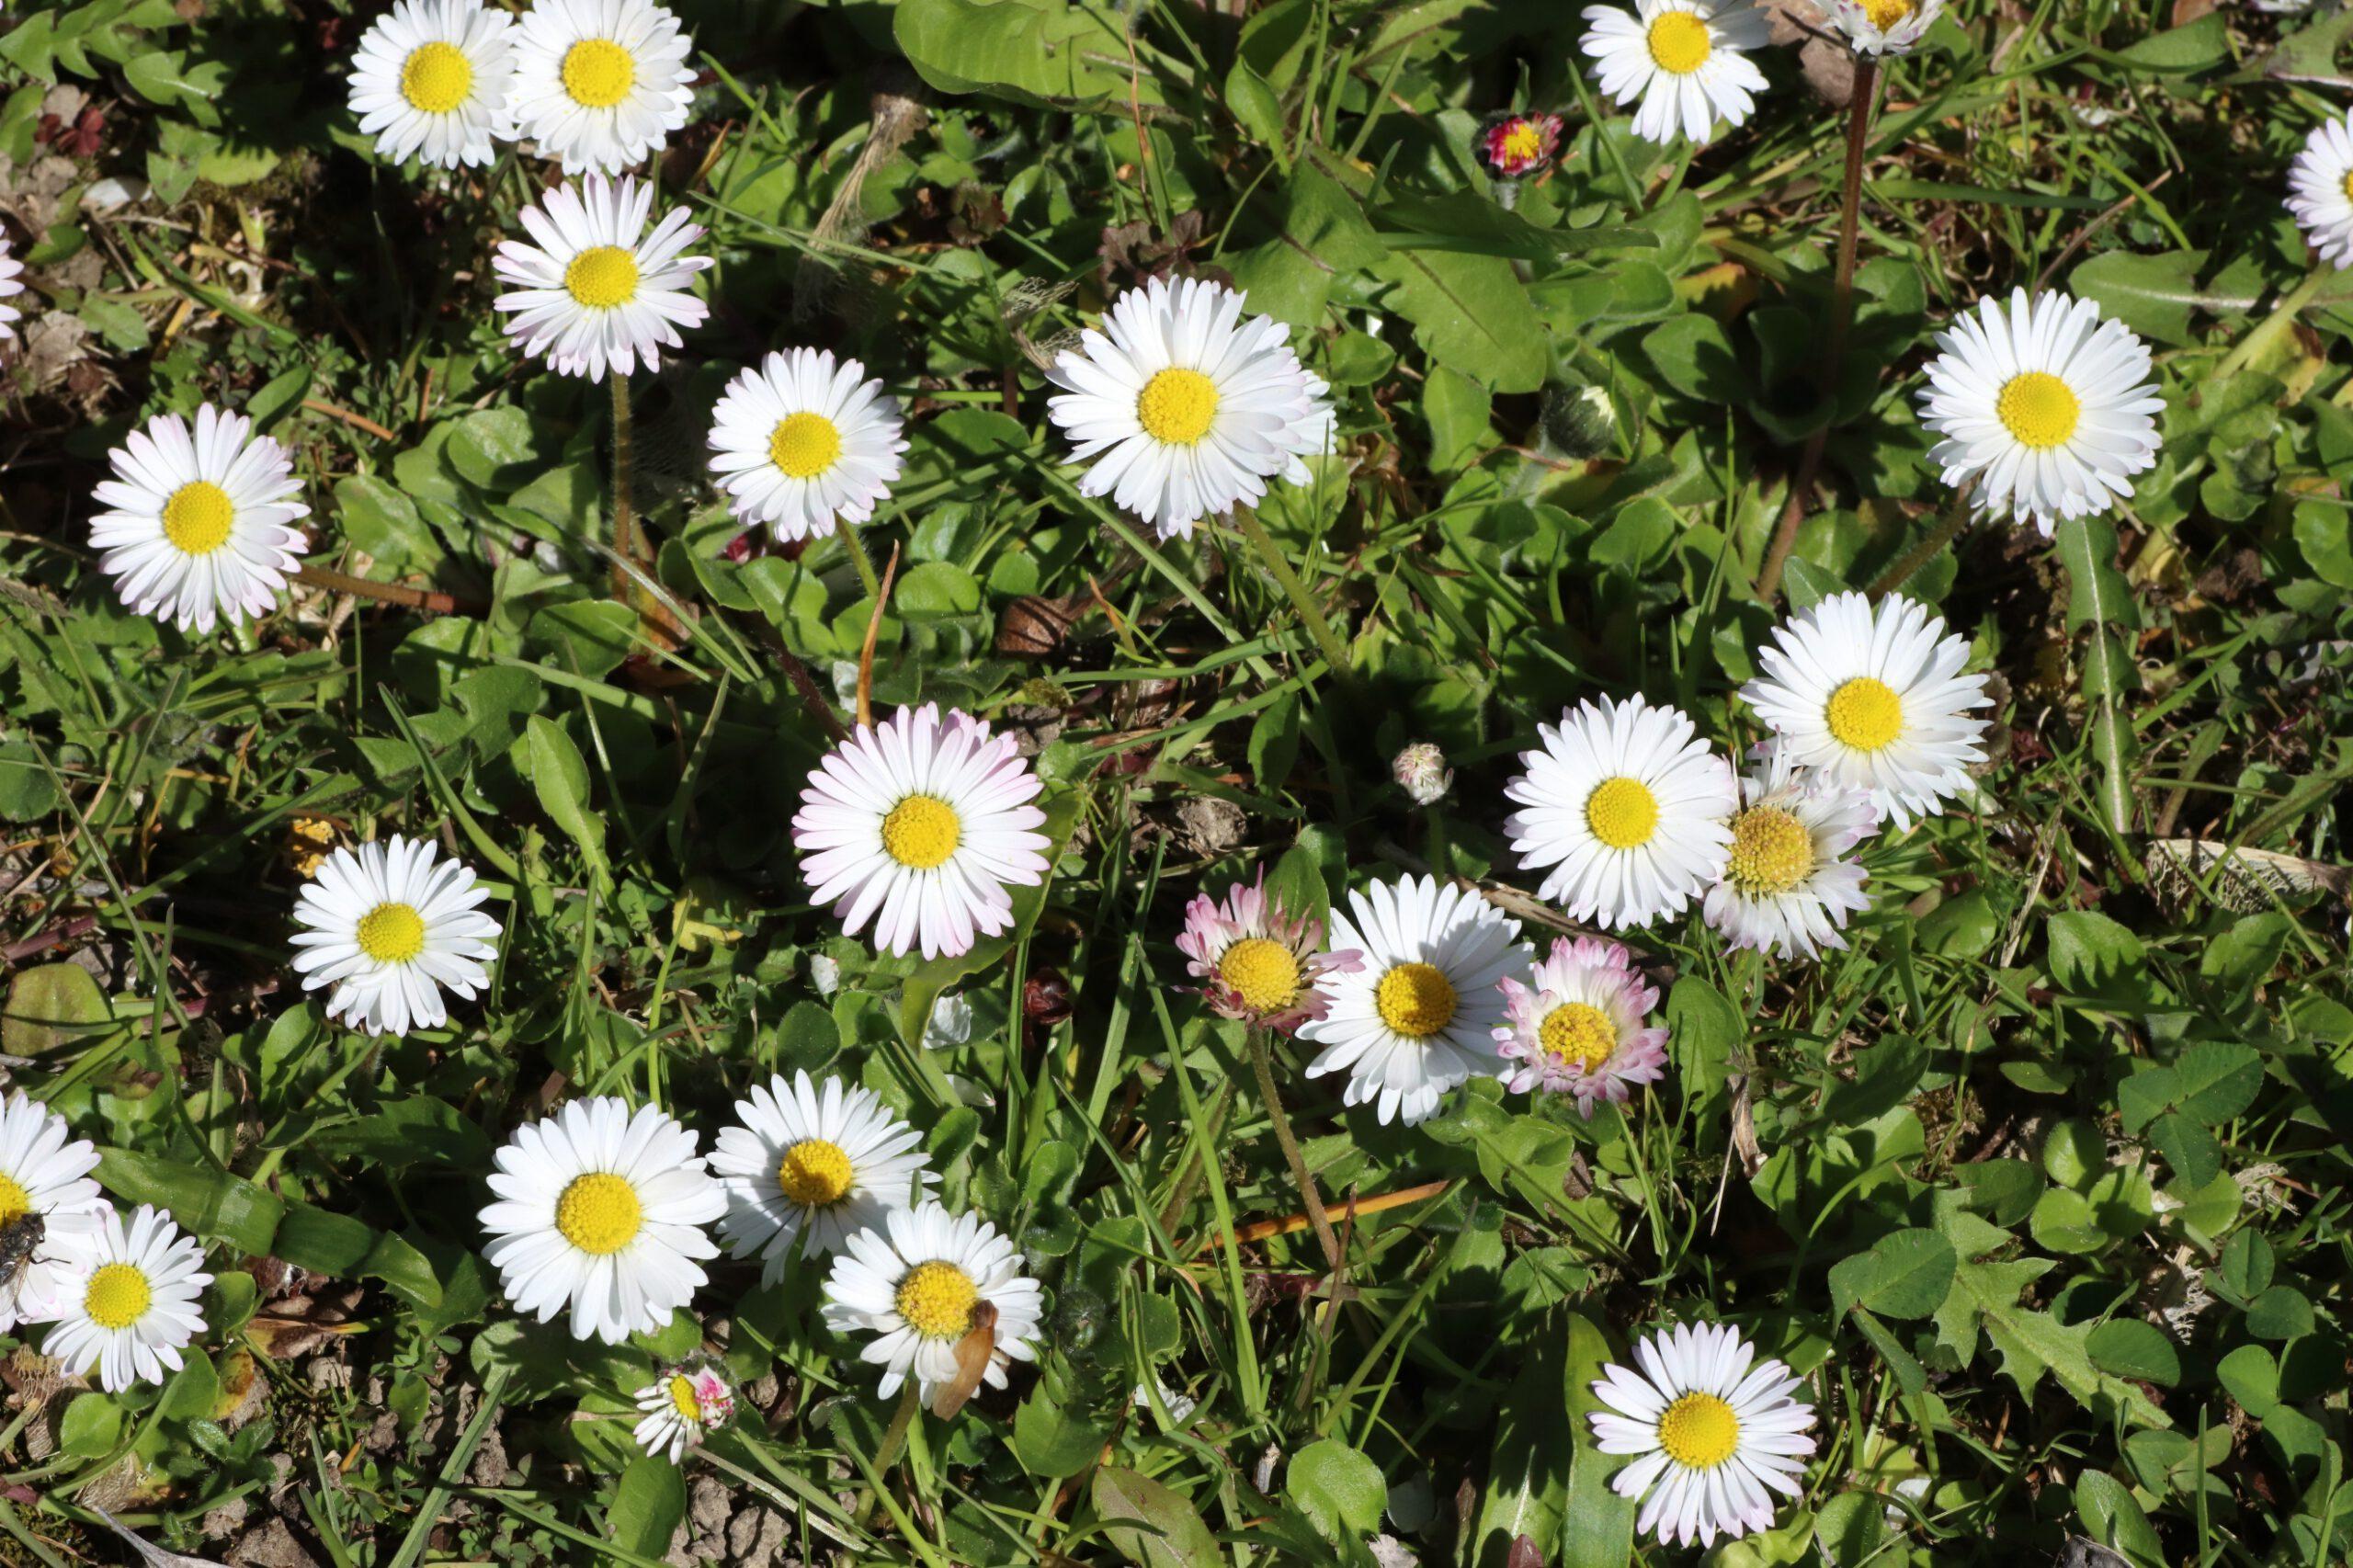 Gänseblümchen - Blütengruppe